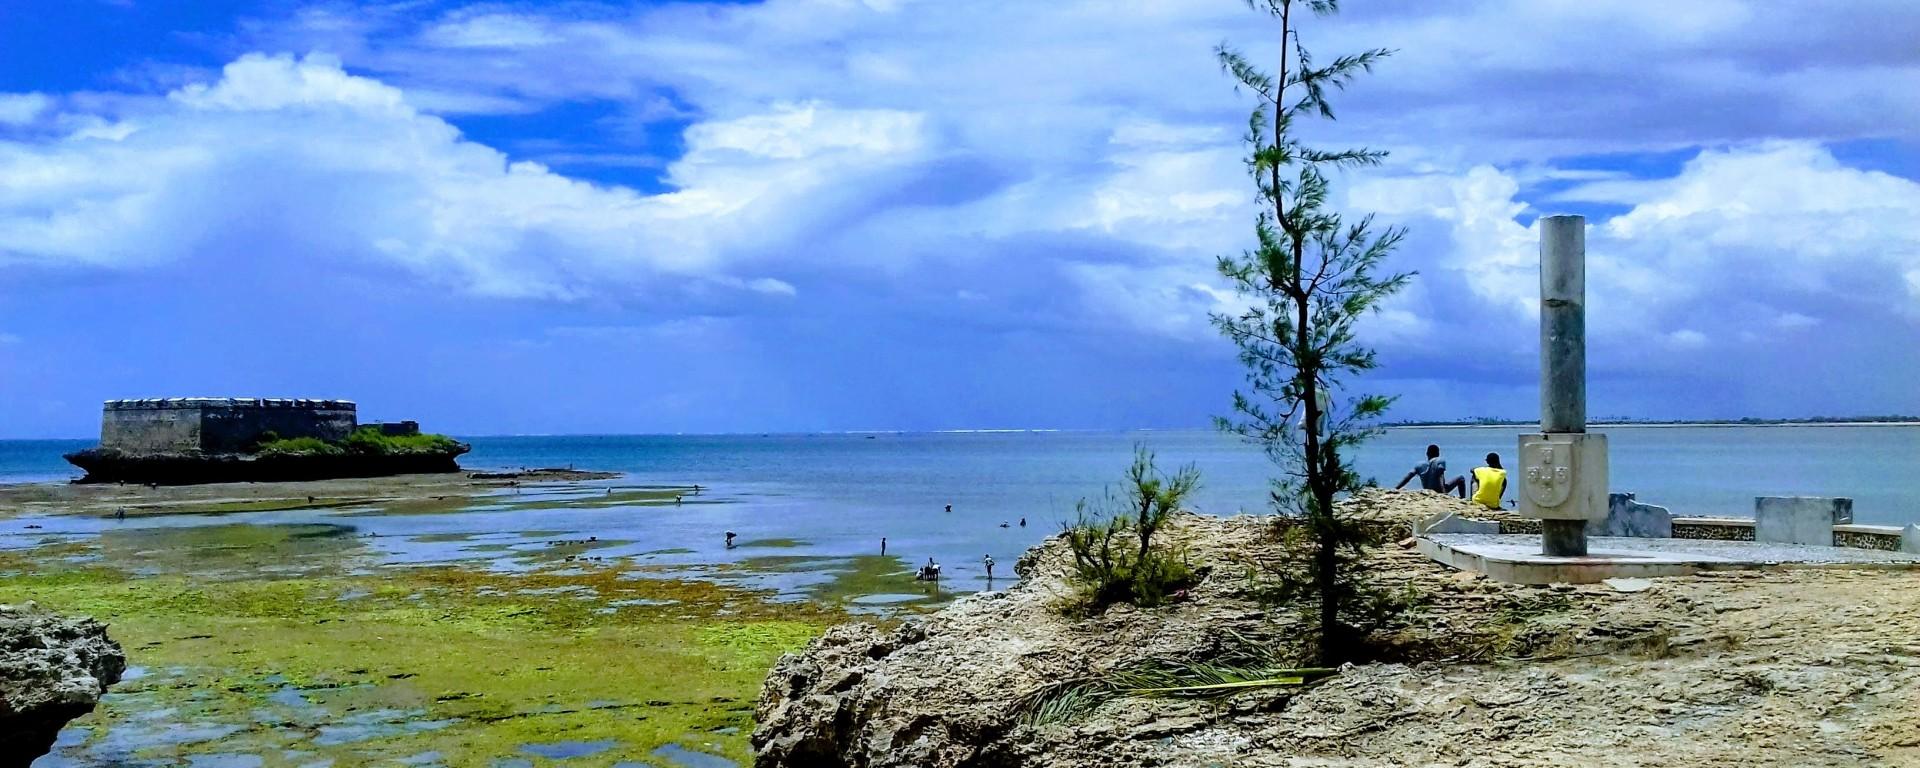 ilha de mocambique